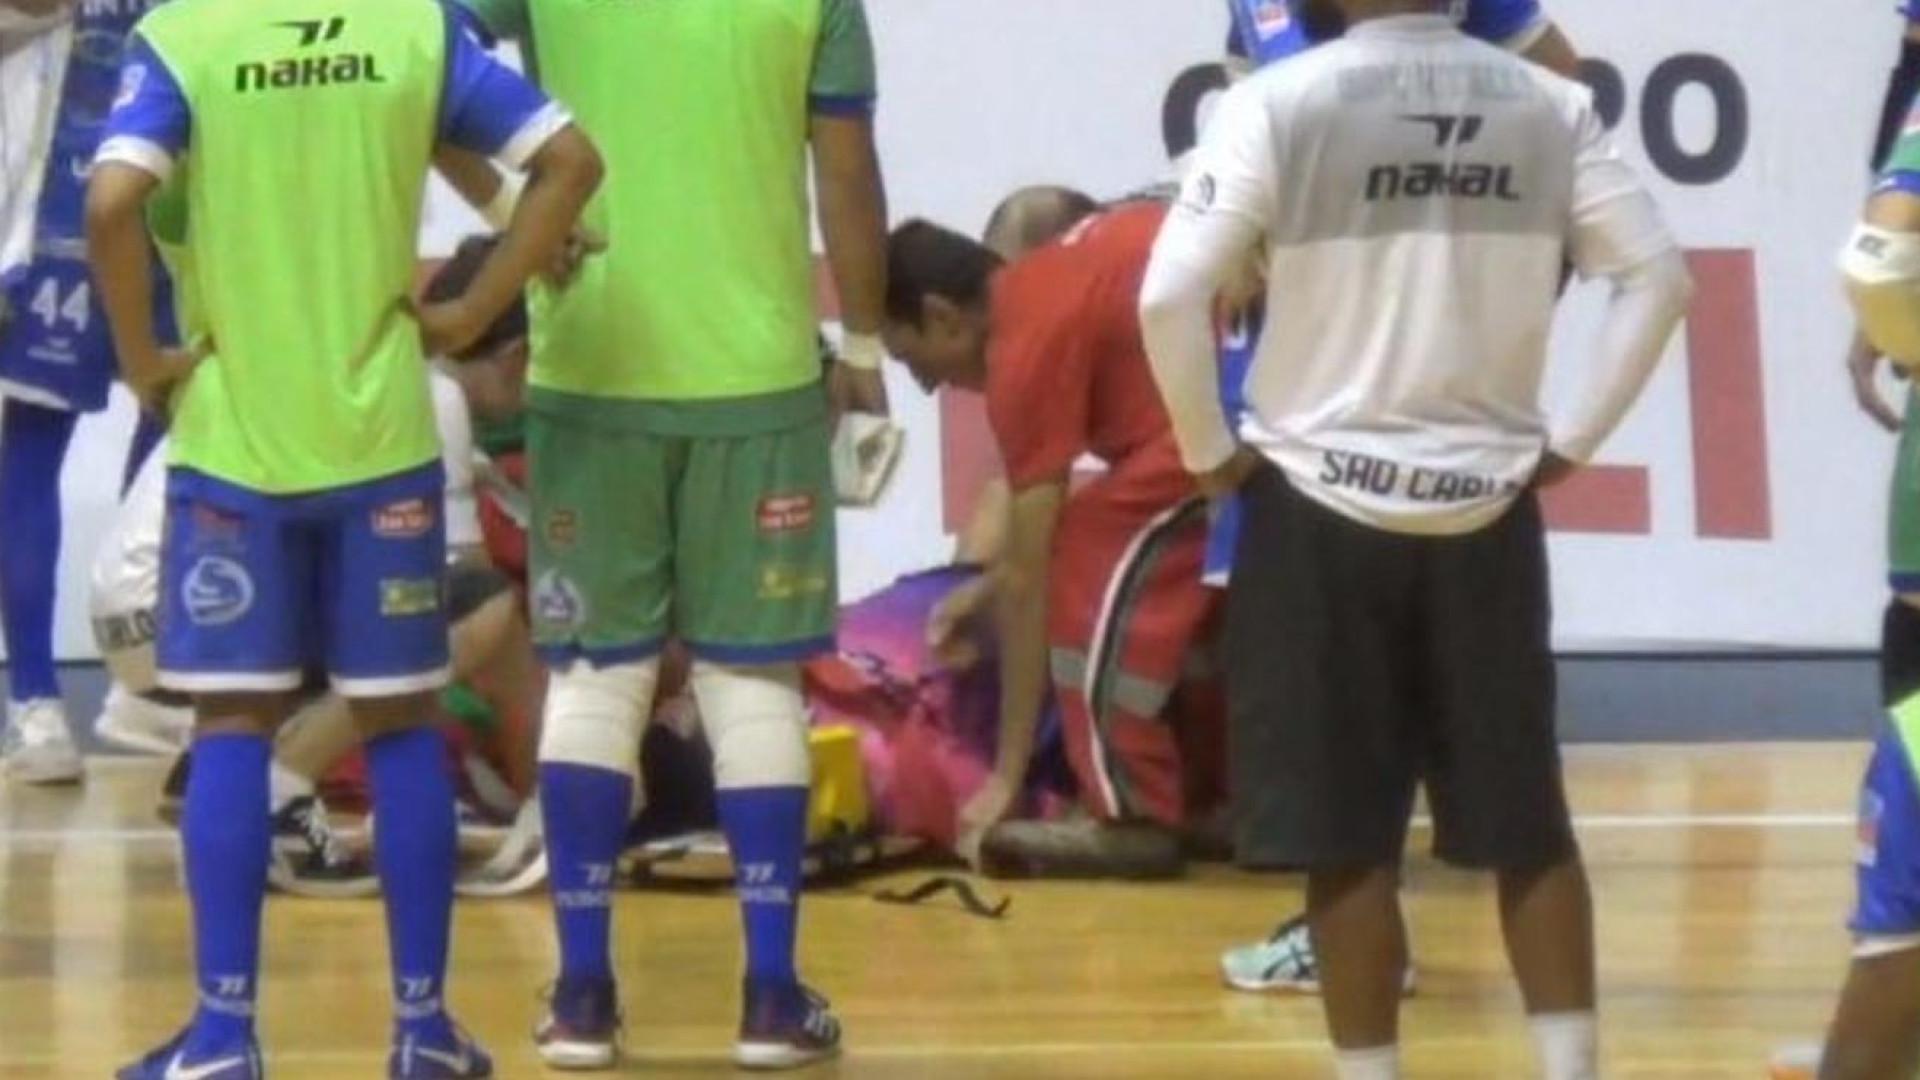 Árbitro morre após passar mal durante jogo de futsal em São Paulo